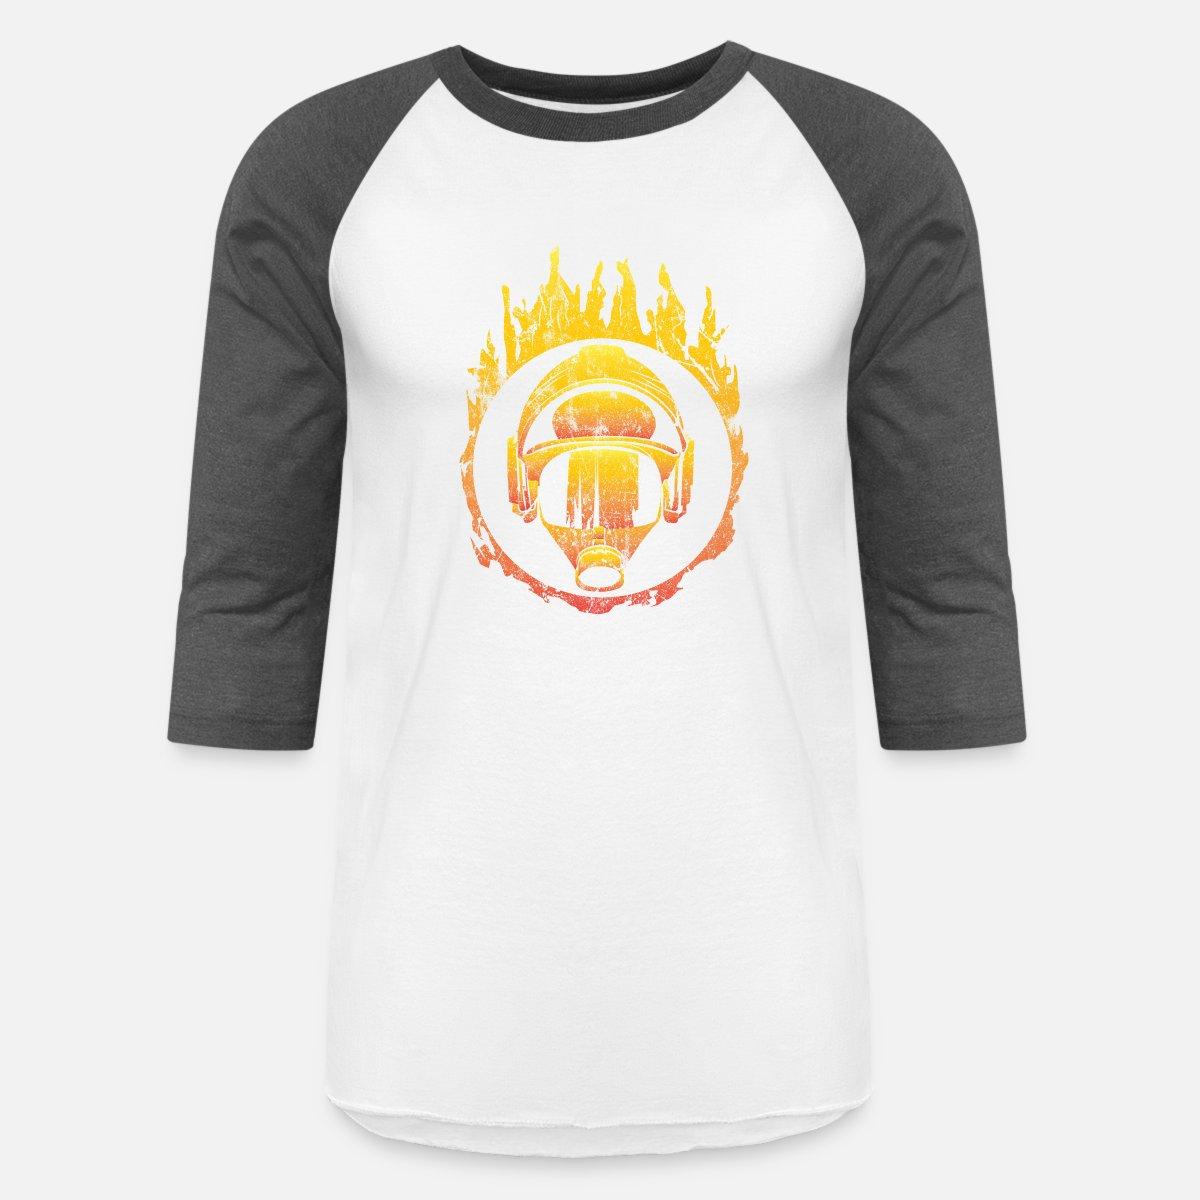 089d6864 Fire Department Firefighter Gift Idea Unisex Baseball T-Shirt | Spreadshirt